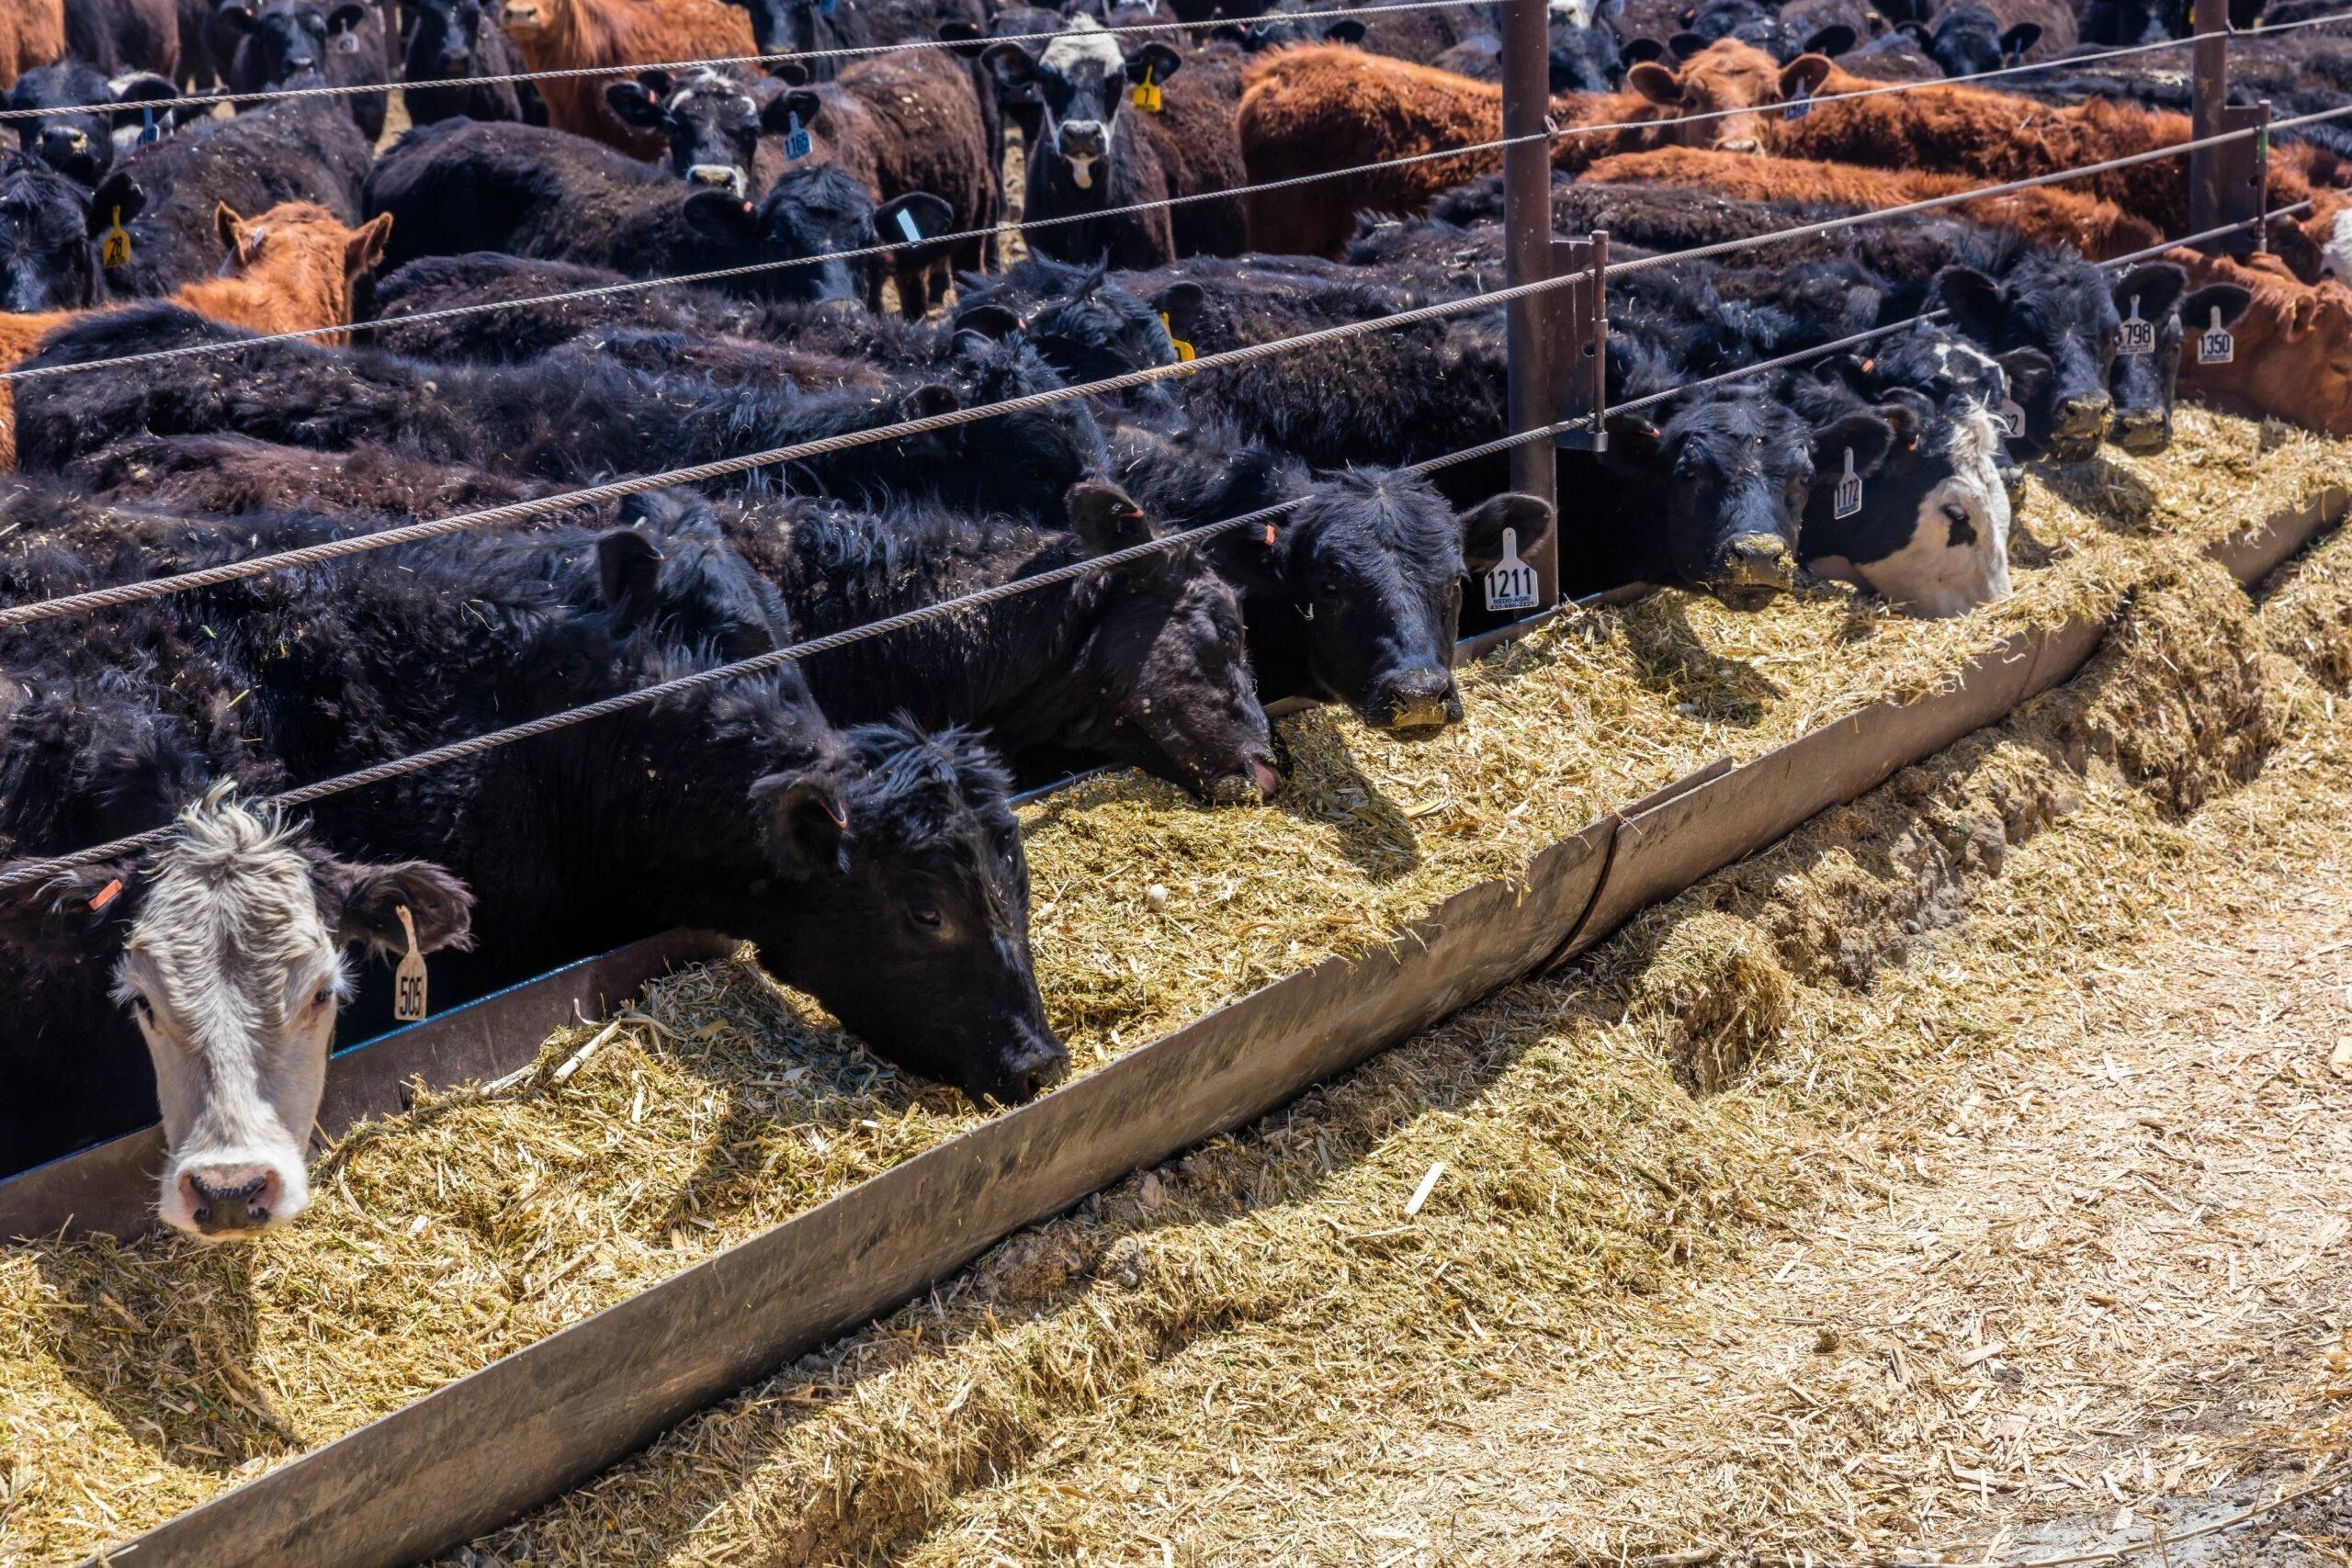 آلودگی هوای ناشی از تولید محصولات دامی باعث مرگ هزاران نفر میشود: آیا باید گیاهخوار شویم؟